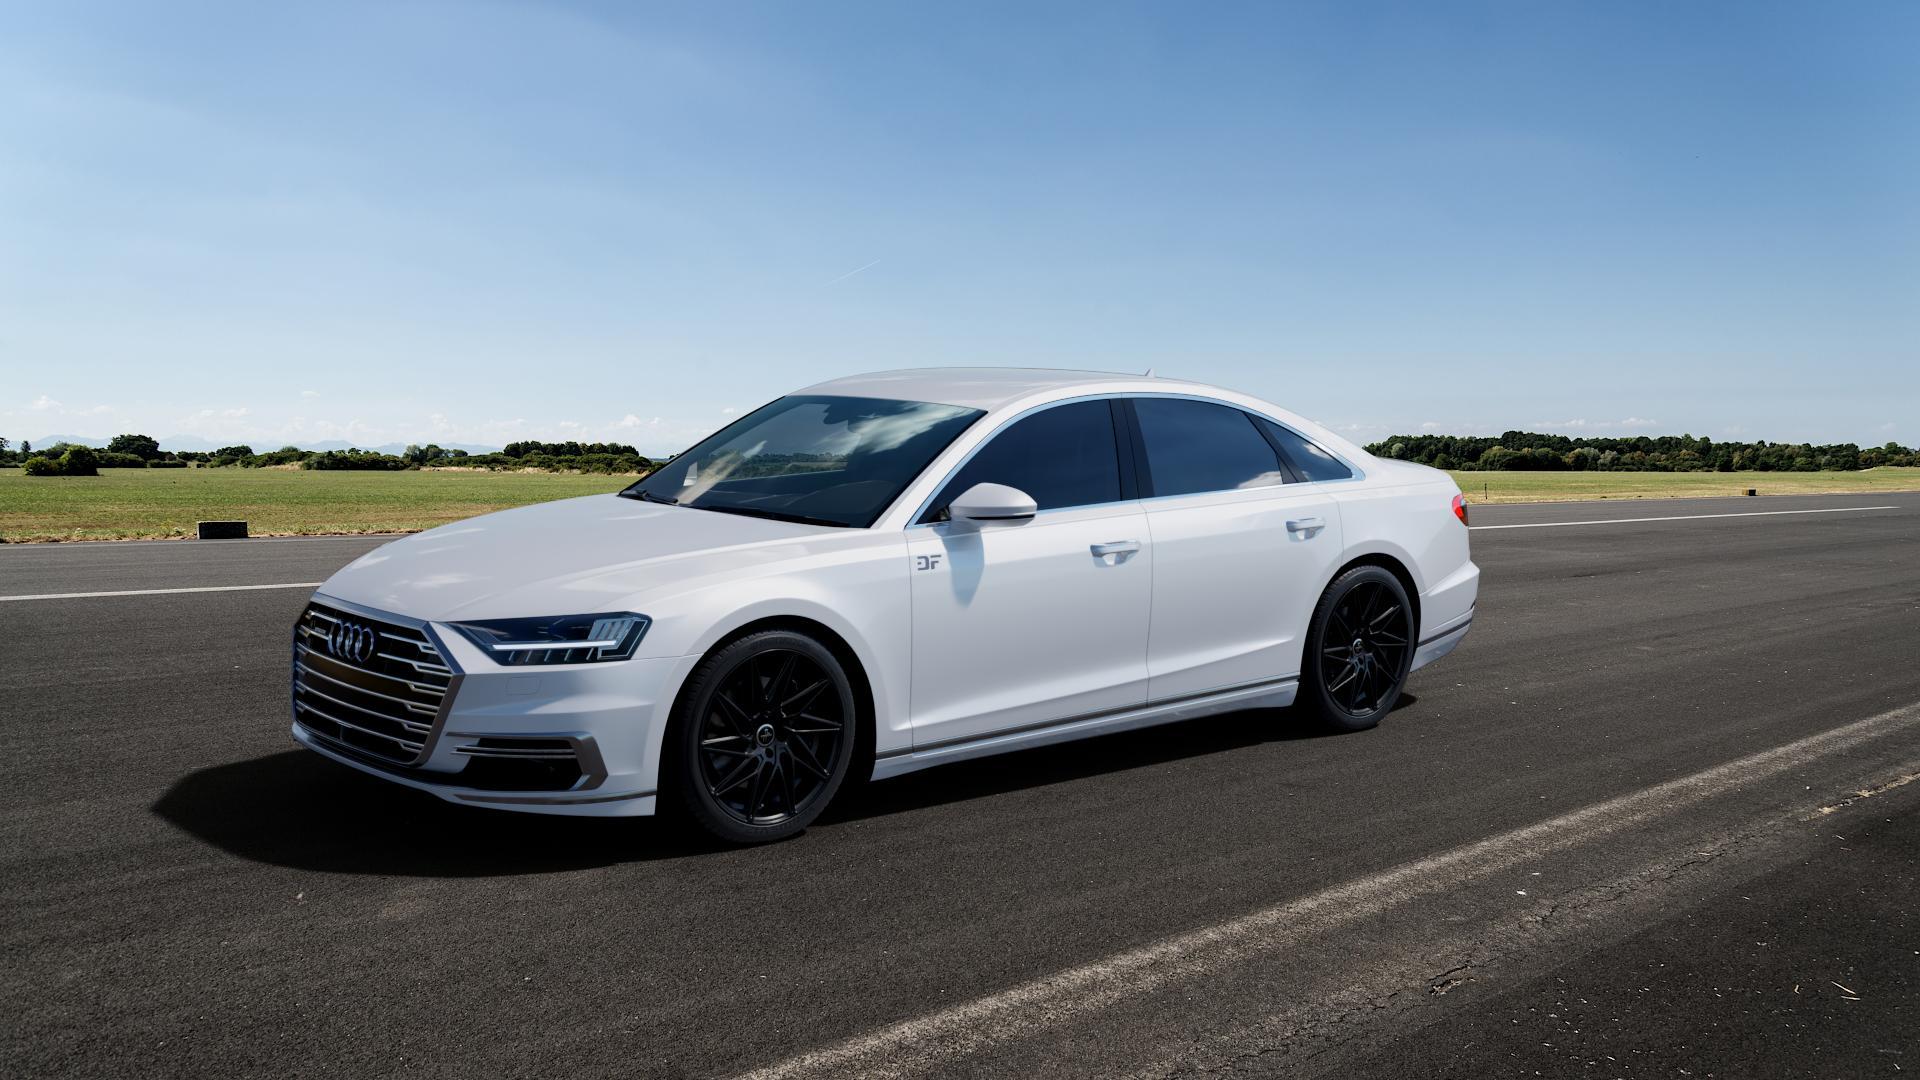 KESKIN KT20 BLACK PAINTED Felge mit Reifen schwarz in 20Zoll Winterfelge Alufelge auf weissem Audi A8 Typ D5/F8 3,0l 60 TFSI e quattro 250kW (340 PS) Hybrid 4,0l 338kW (460 420kW S8 (571 TDI 210kW (286 320kW (435 ⬇️ mit 15mm Tieferlegung ⬇️ Big_Vehicle_Airstrip_1 Frontansicht_1